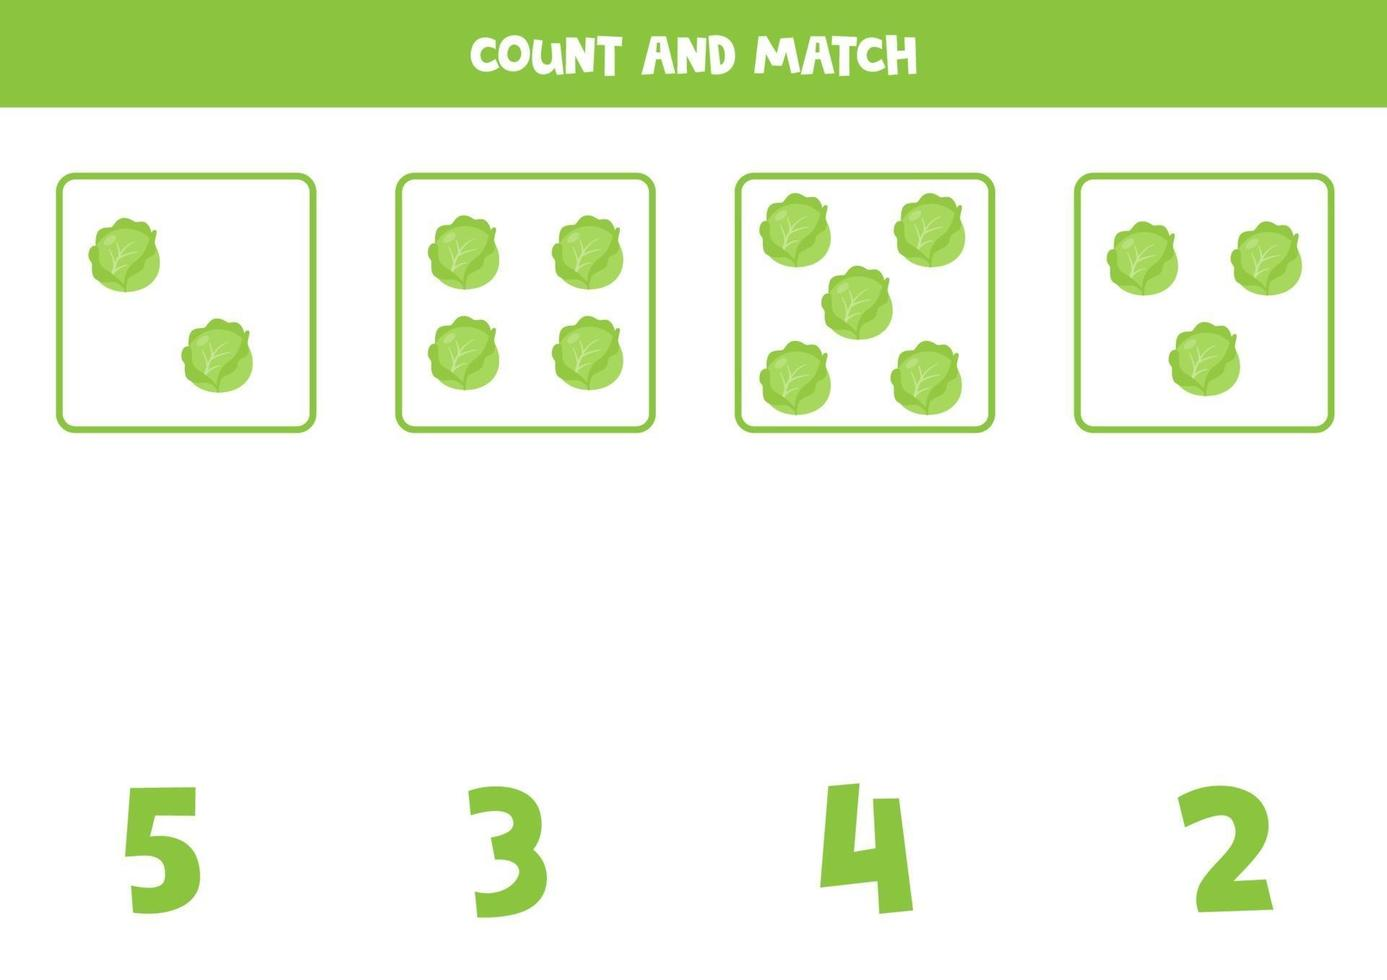 Zählspiel für Kinder. Mathe-Spiel mit Cartoon-Kohl. vektor